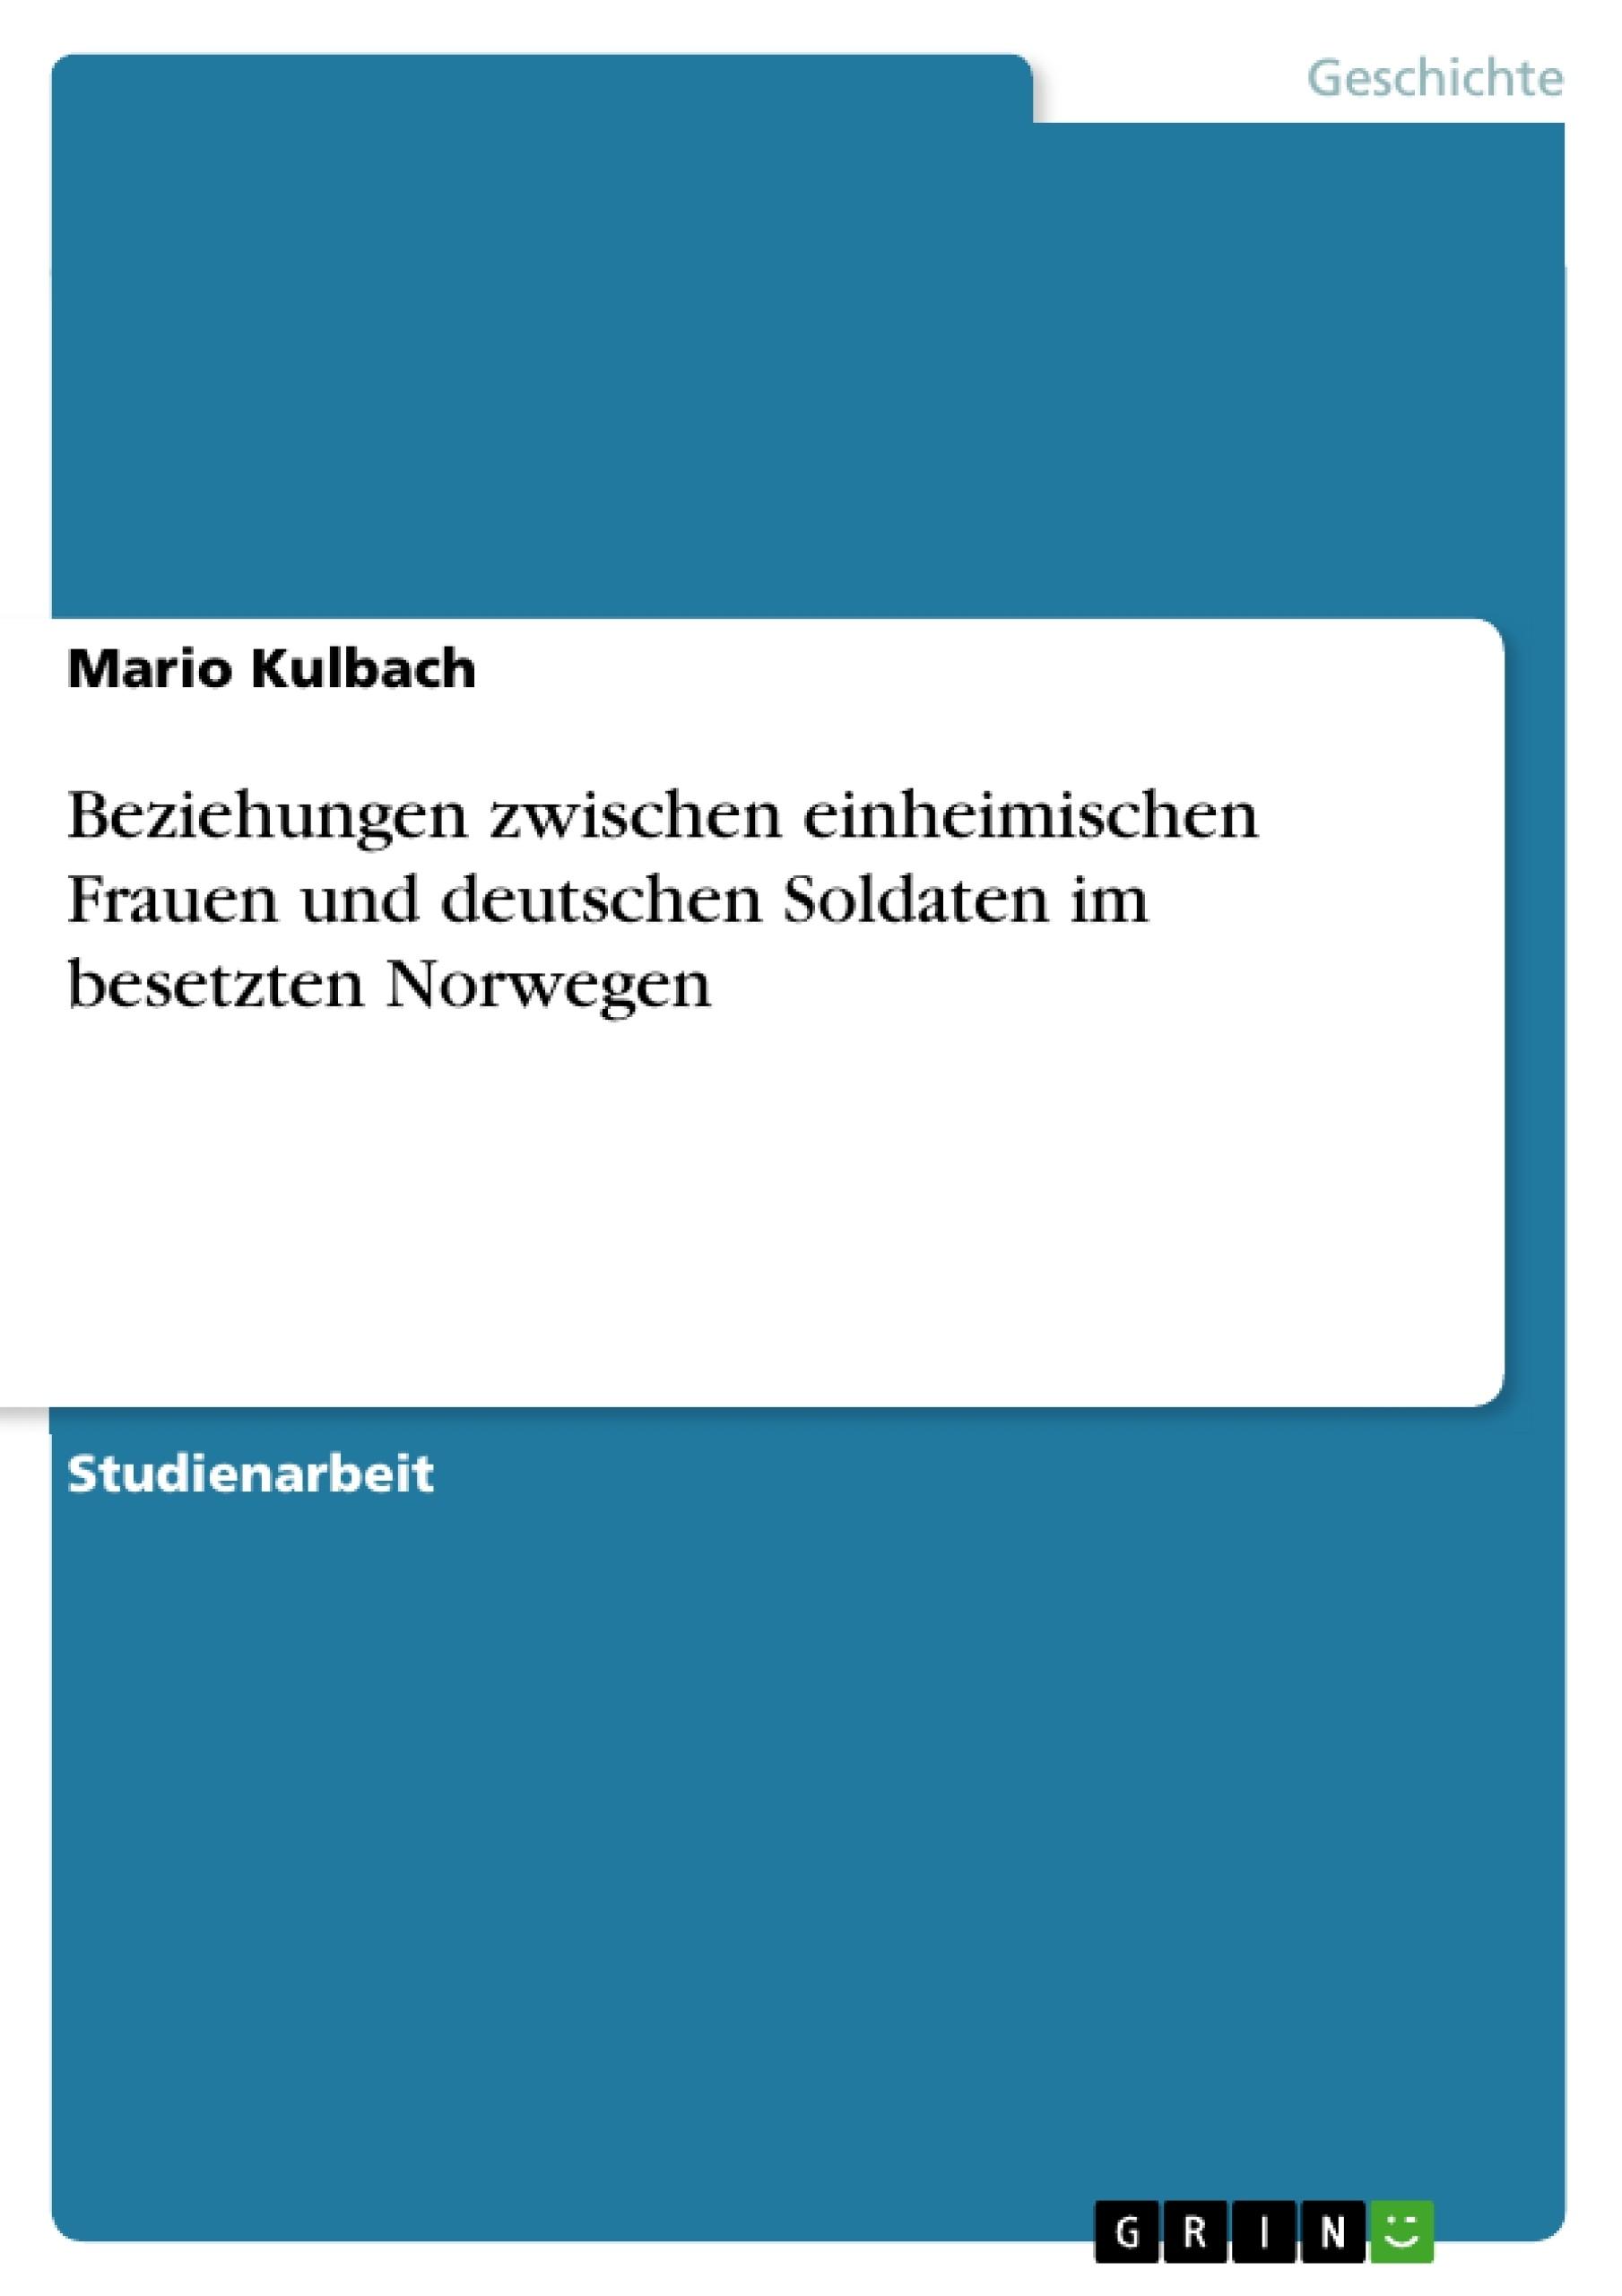 Titel: Beziehungen zwischen einheimischen Frauen und deutschen Soldaten im besetzten Norwegen